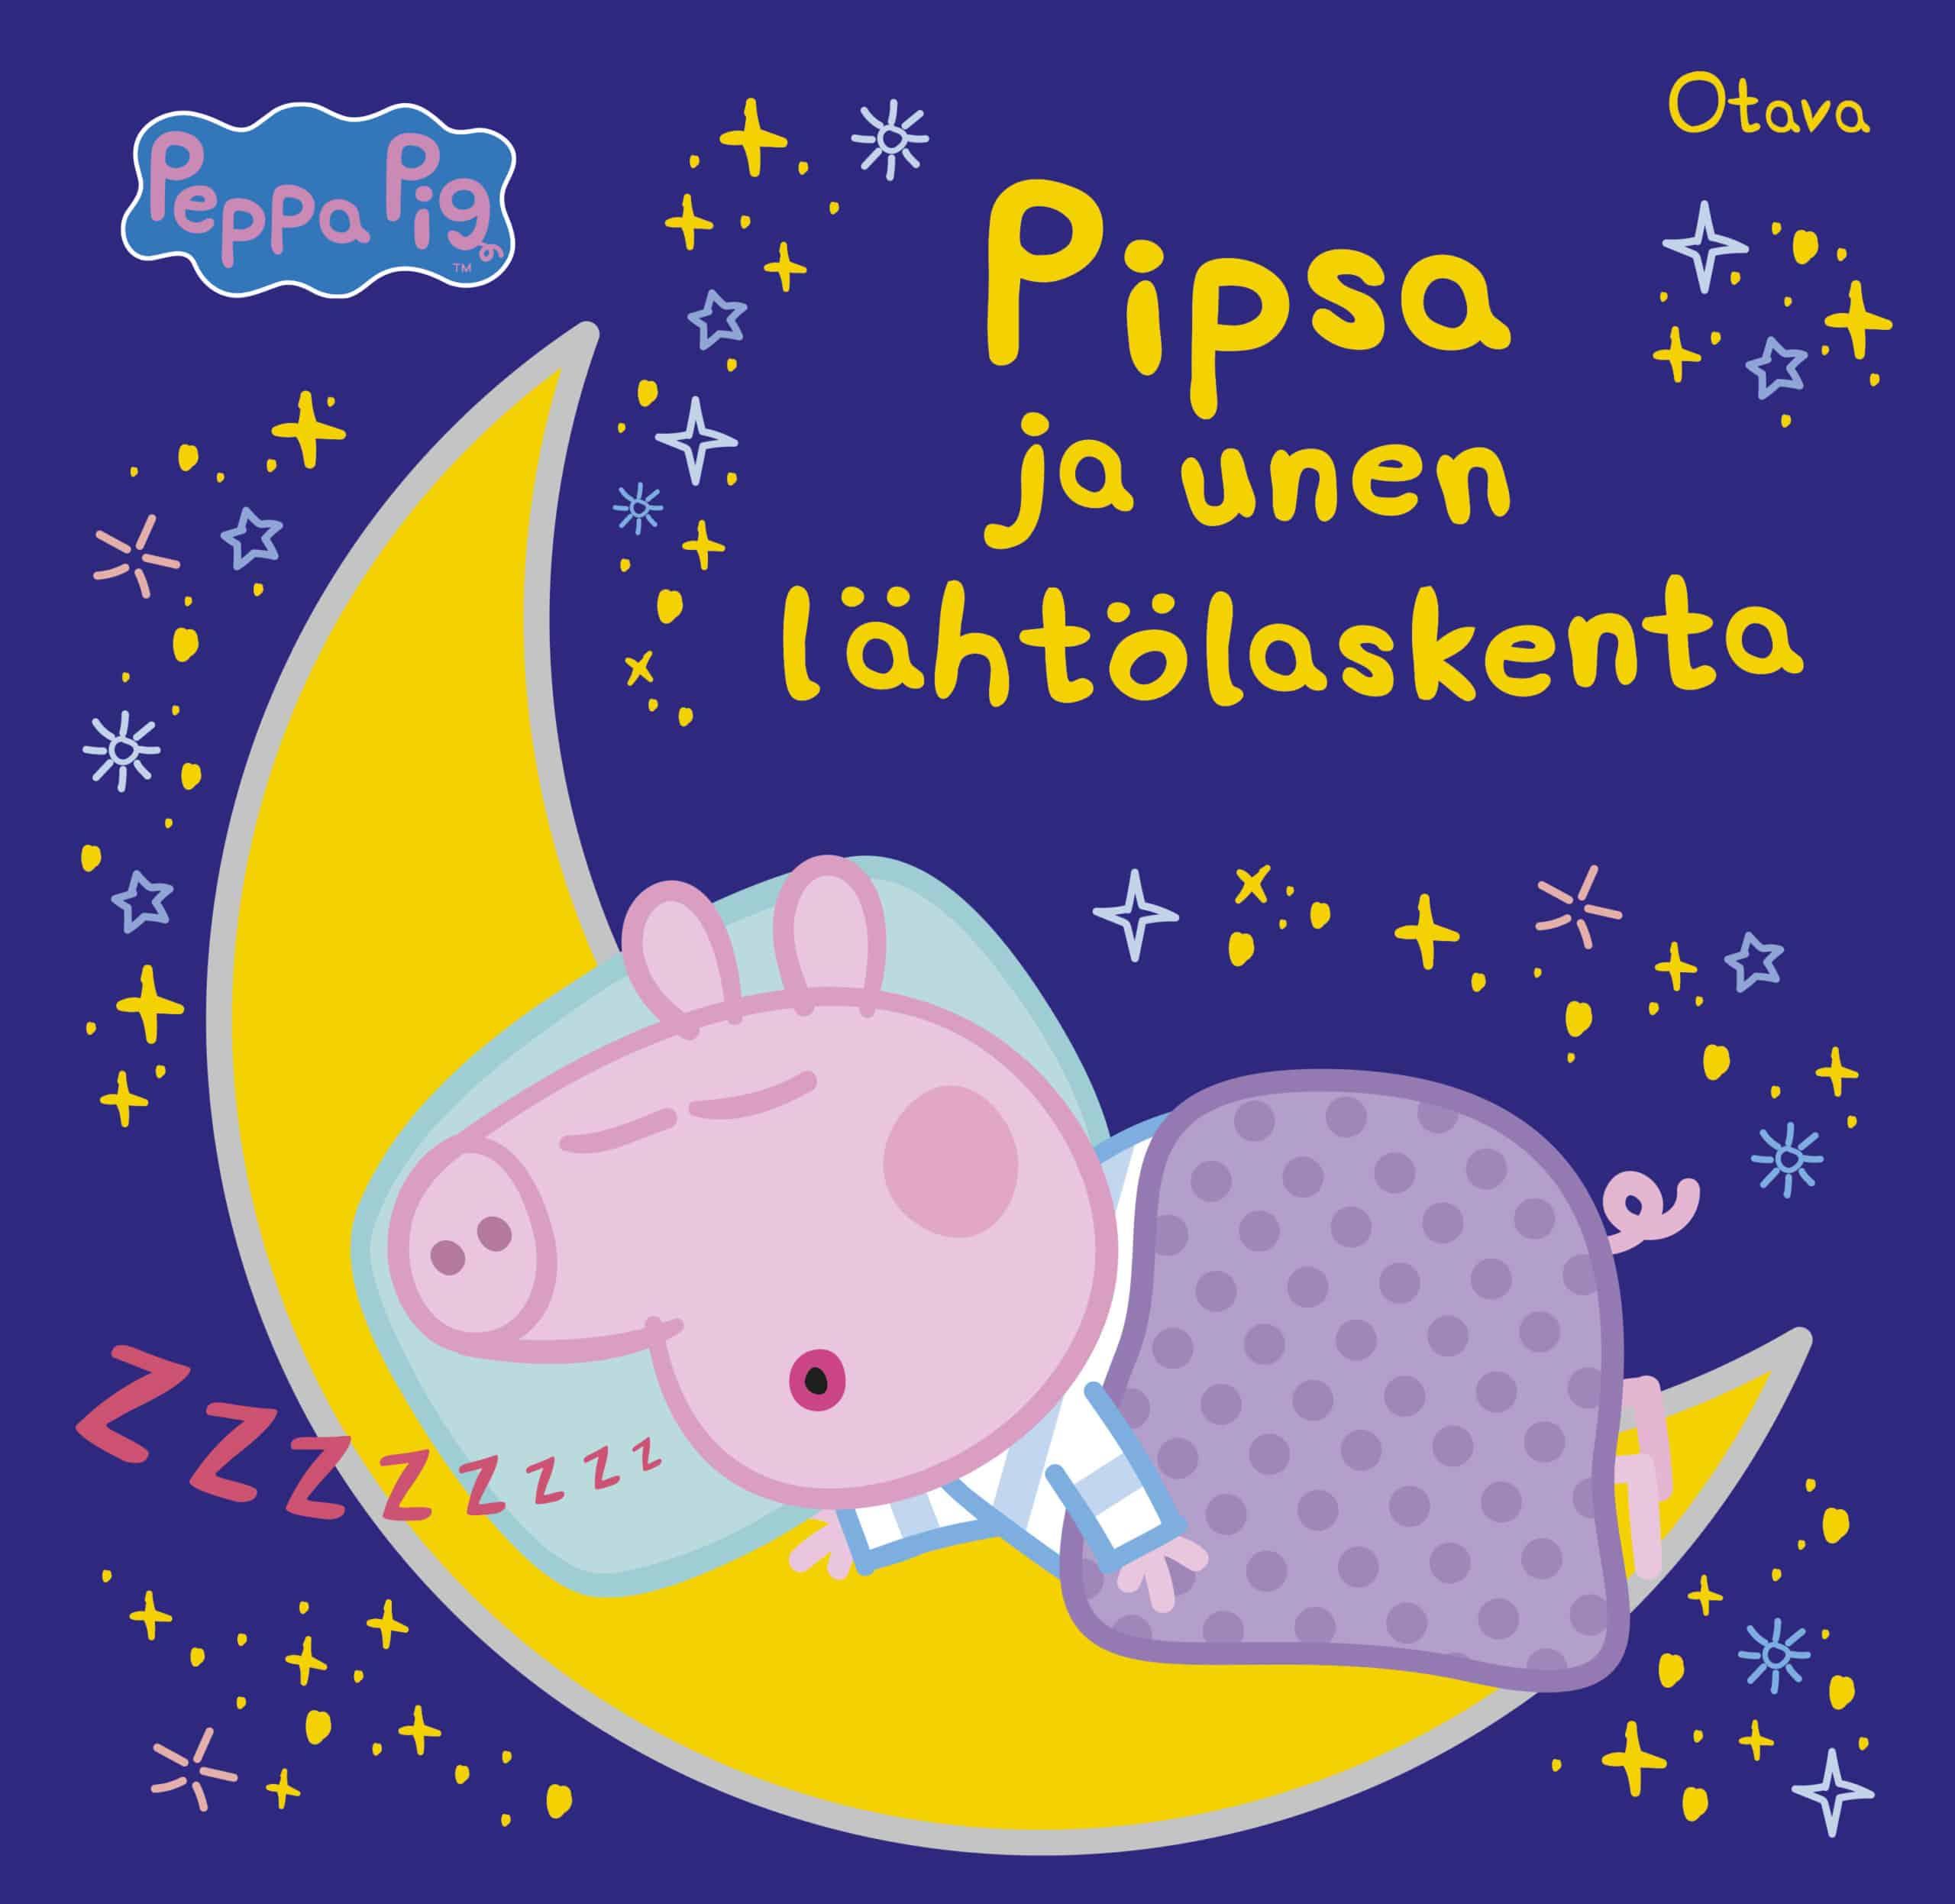 Pipsa ja unen lähtölaskenta